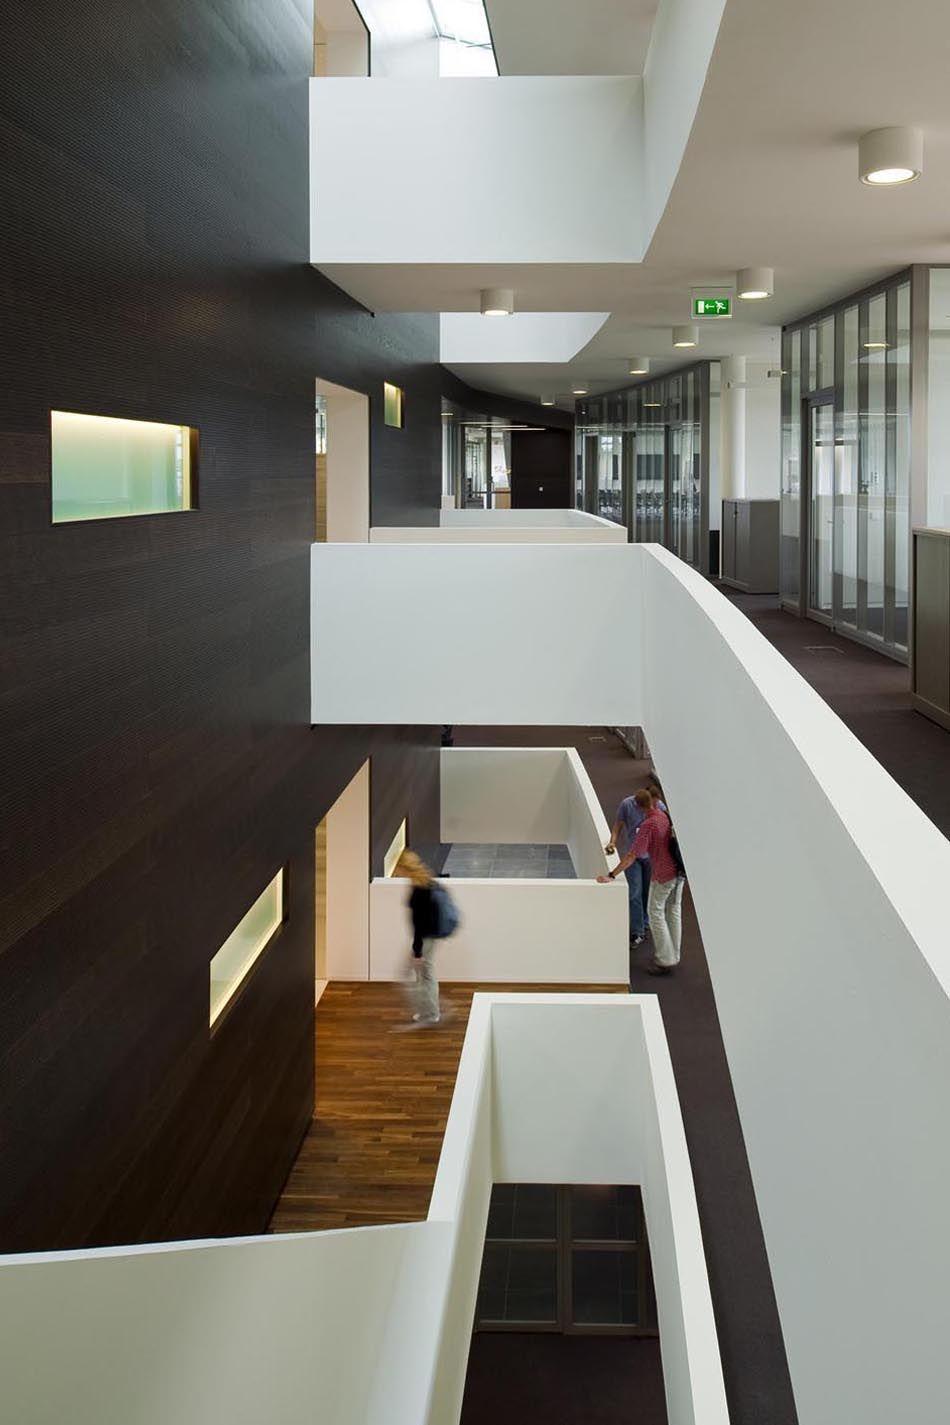 maas architecten kantoor waterschap rijn en ijssel doetinchem interieur transparant modern kantoor hout